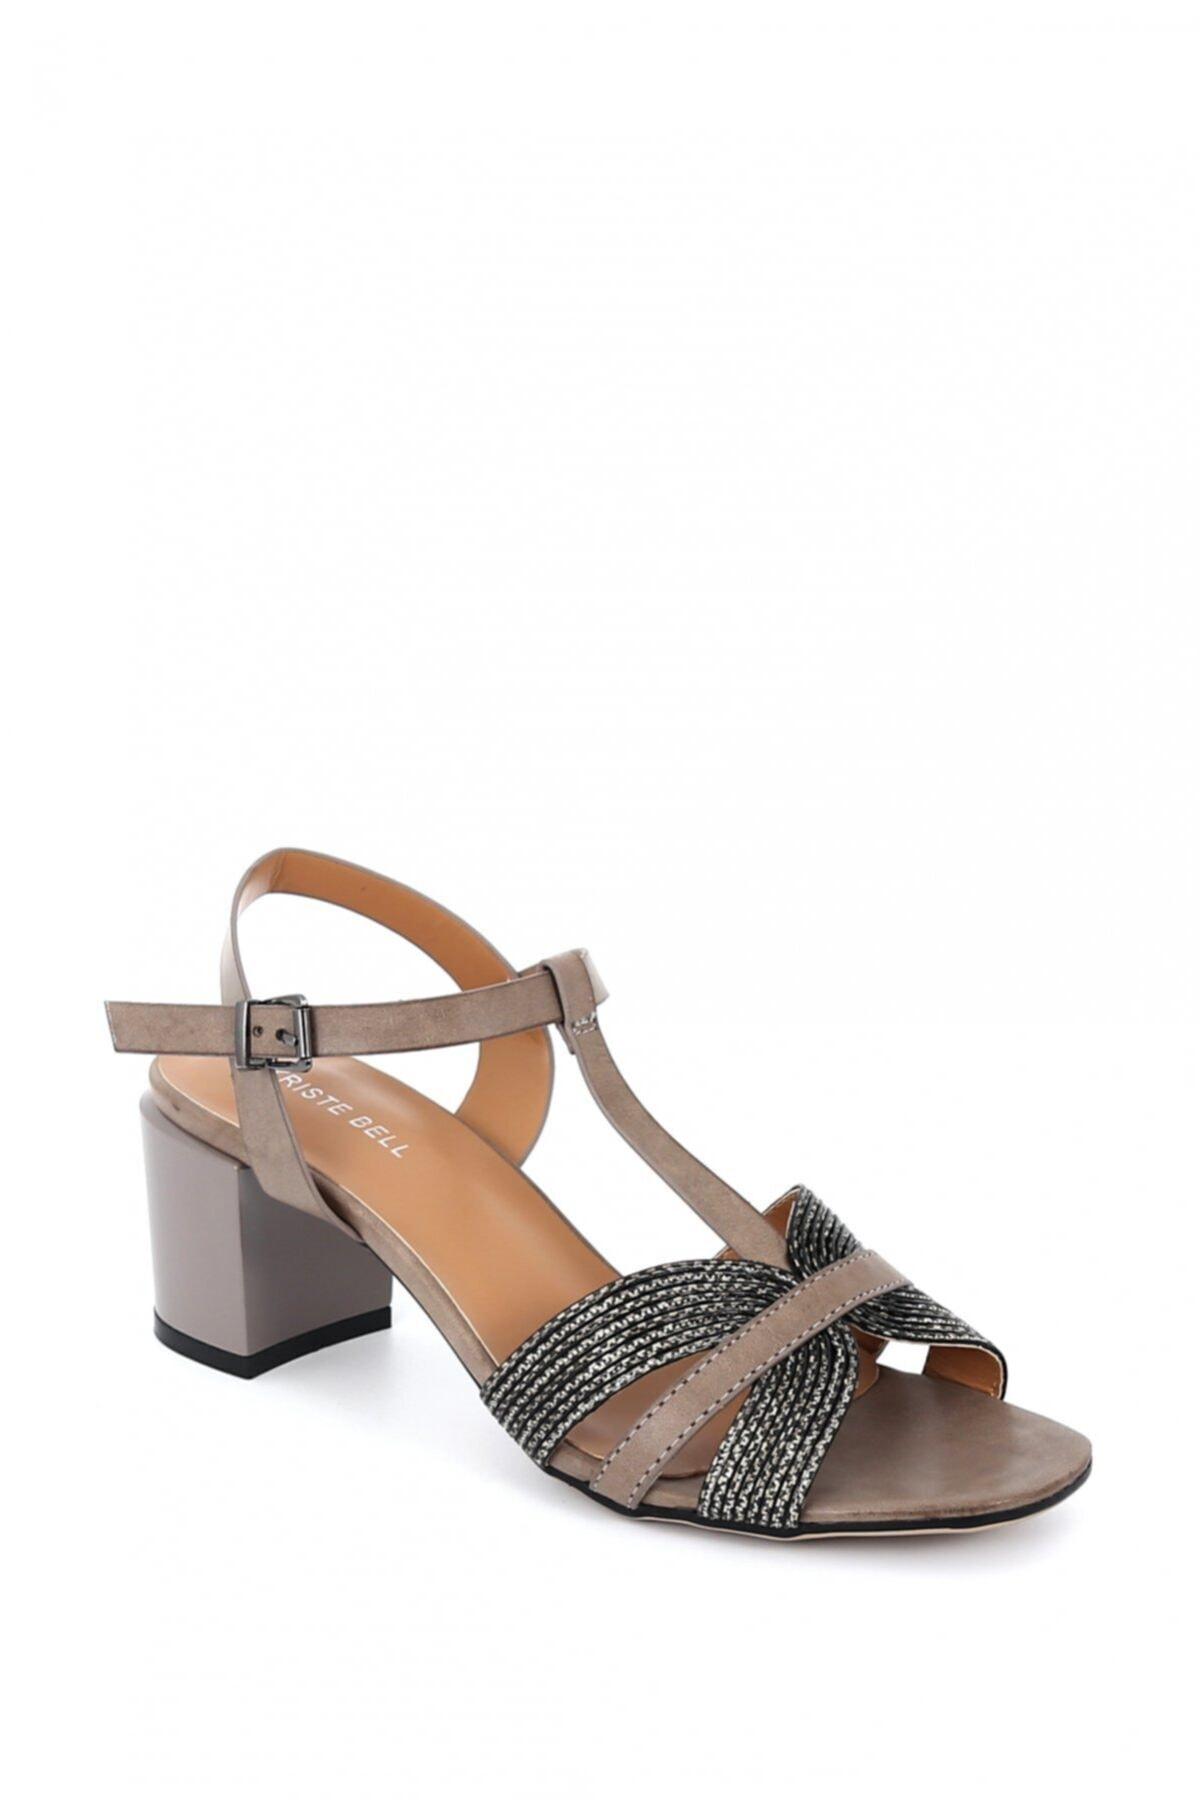 Hayati Arman Kadın Deri Kısa Topuklu Ayakkabı 1